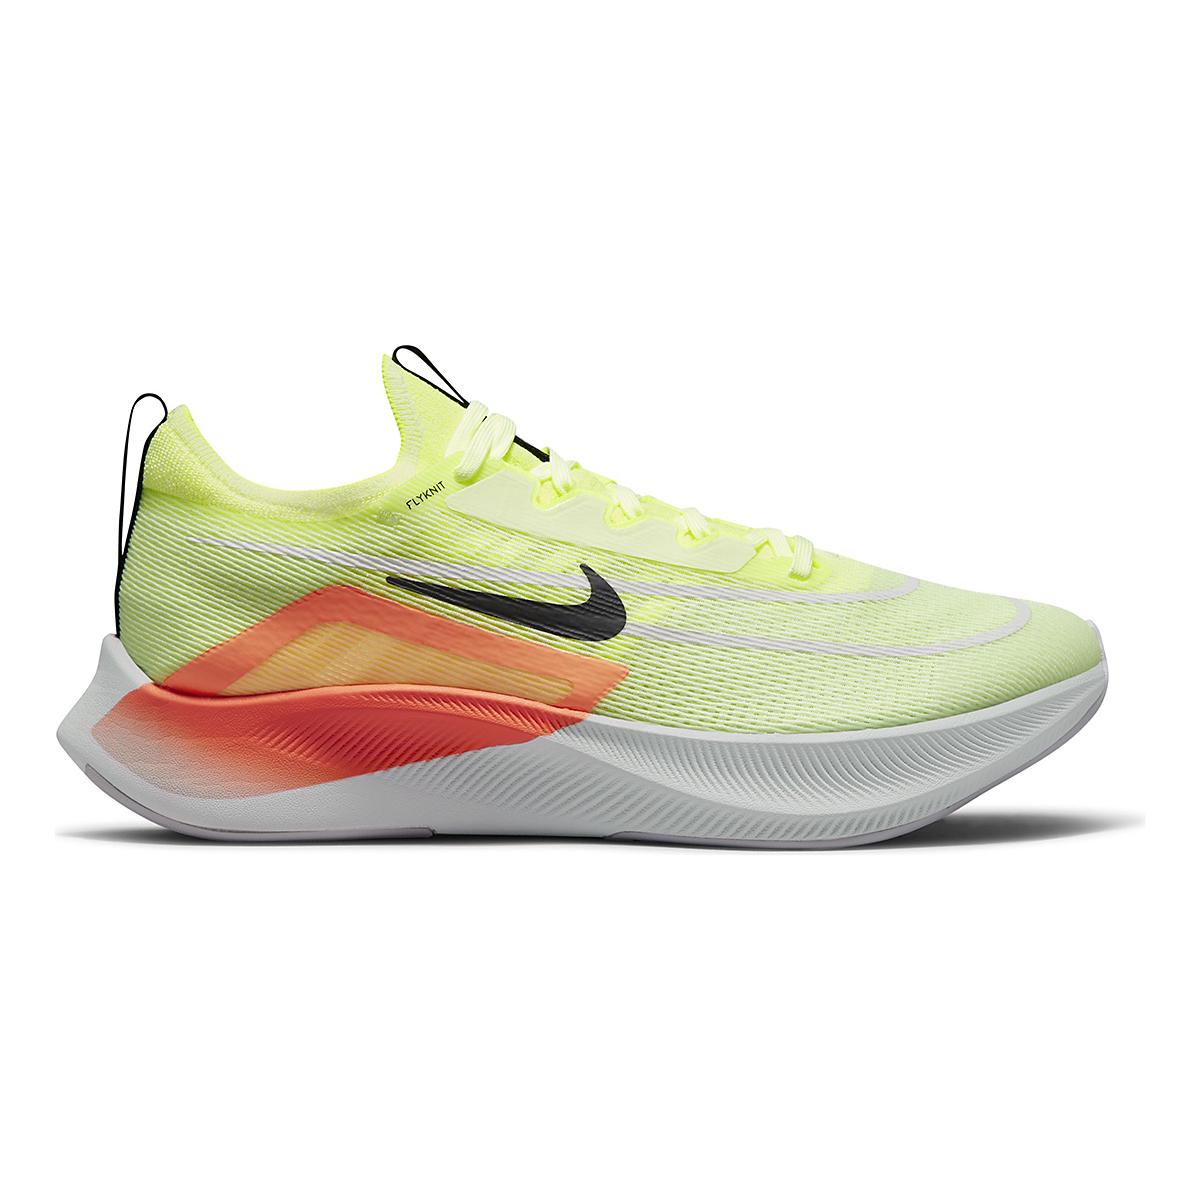 Men's Nike Zoom Fly 4 Running Shoe - Color: Barely Volt/Black/Hyper Orange - Size: 6 - Width: Regular, Barely Volt/Black/Hyper Orange, large, image 1